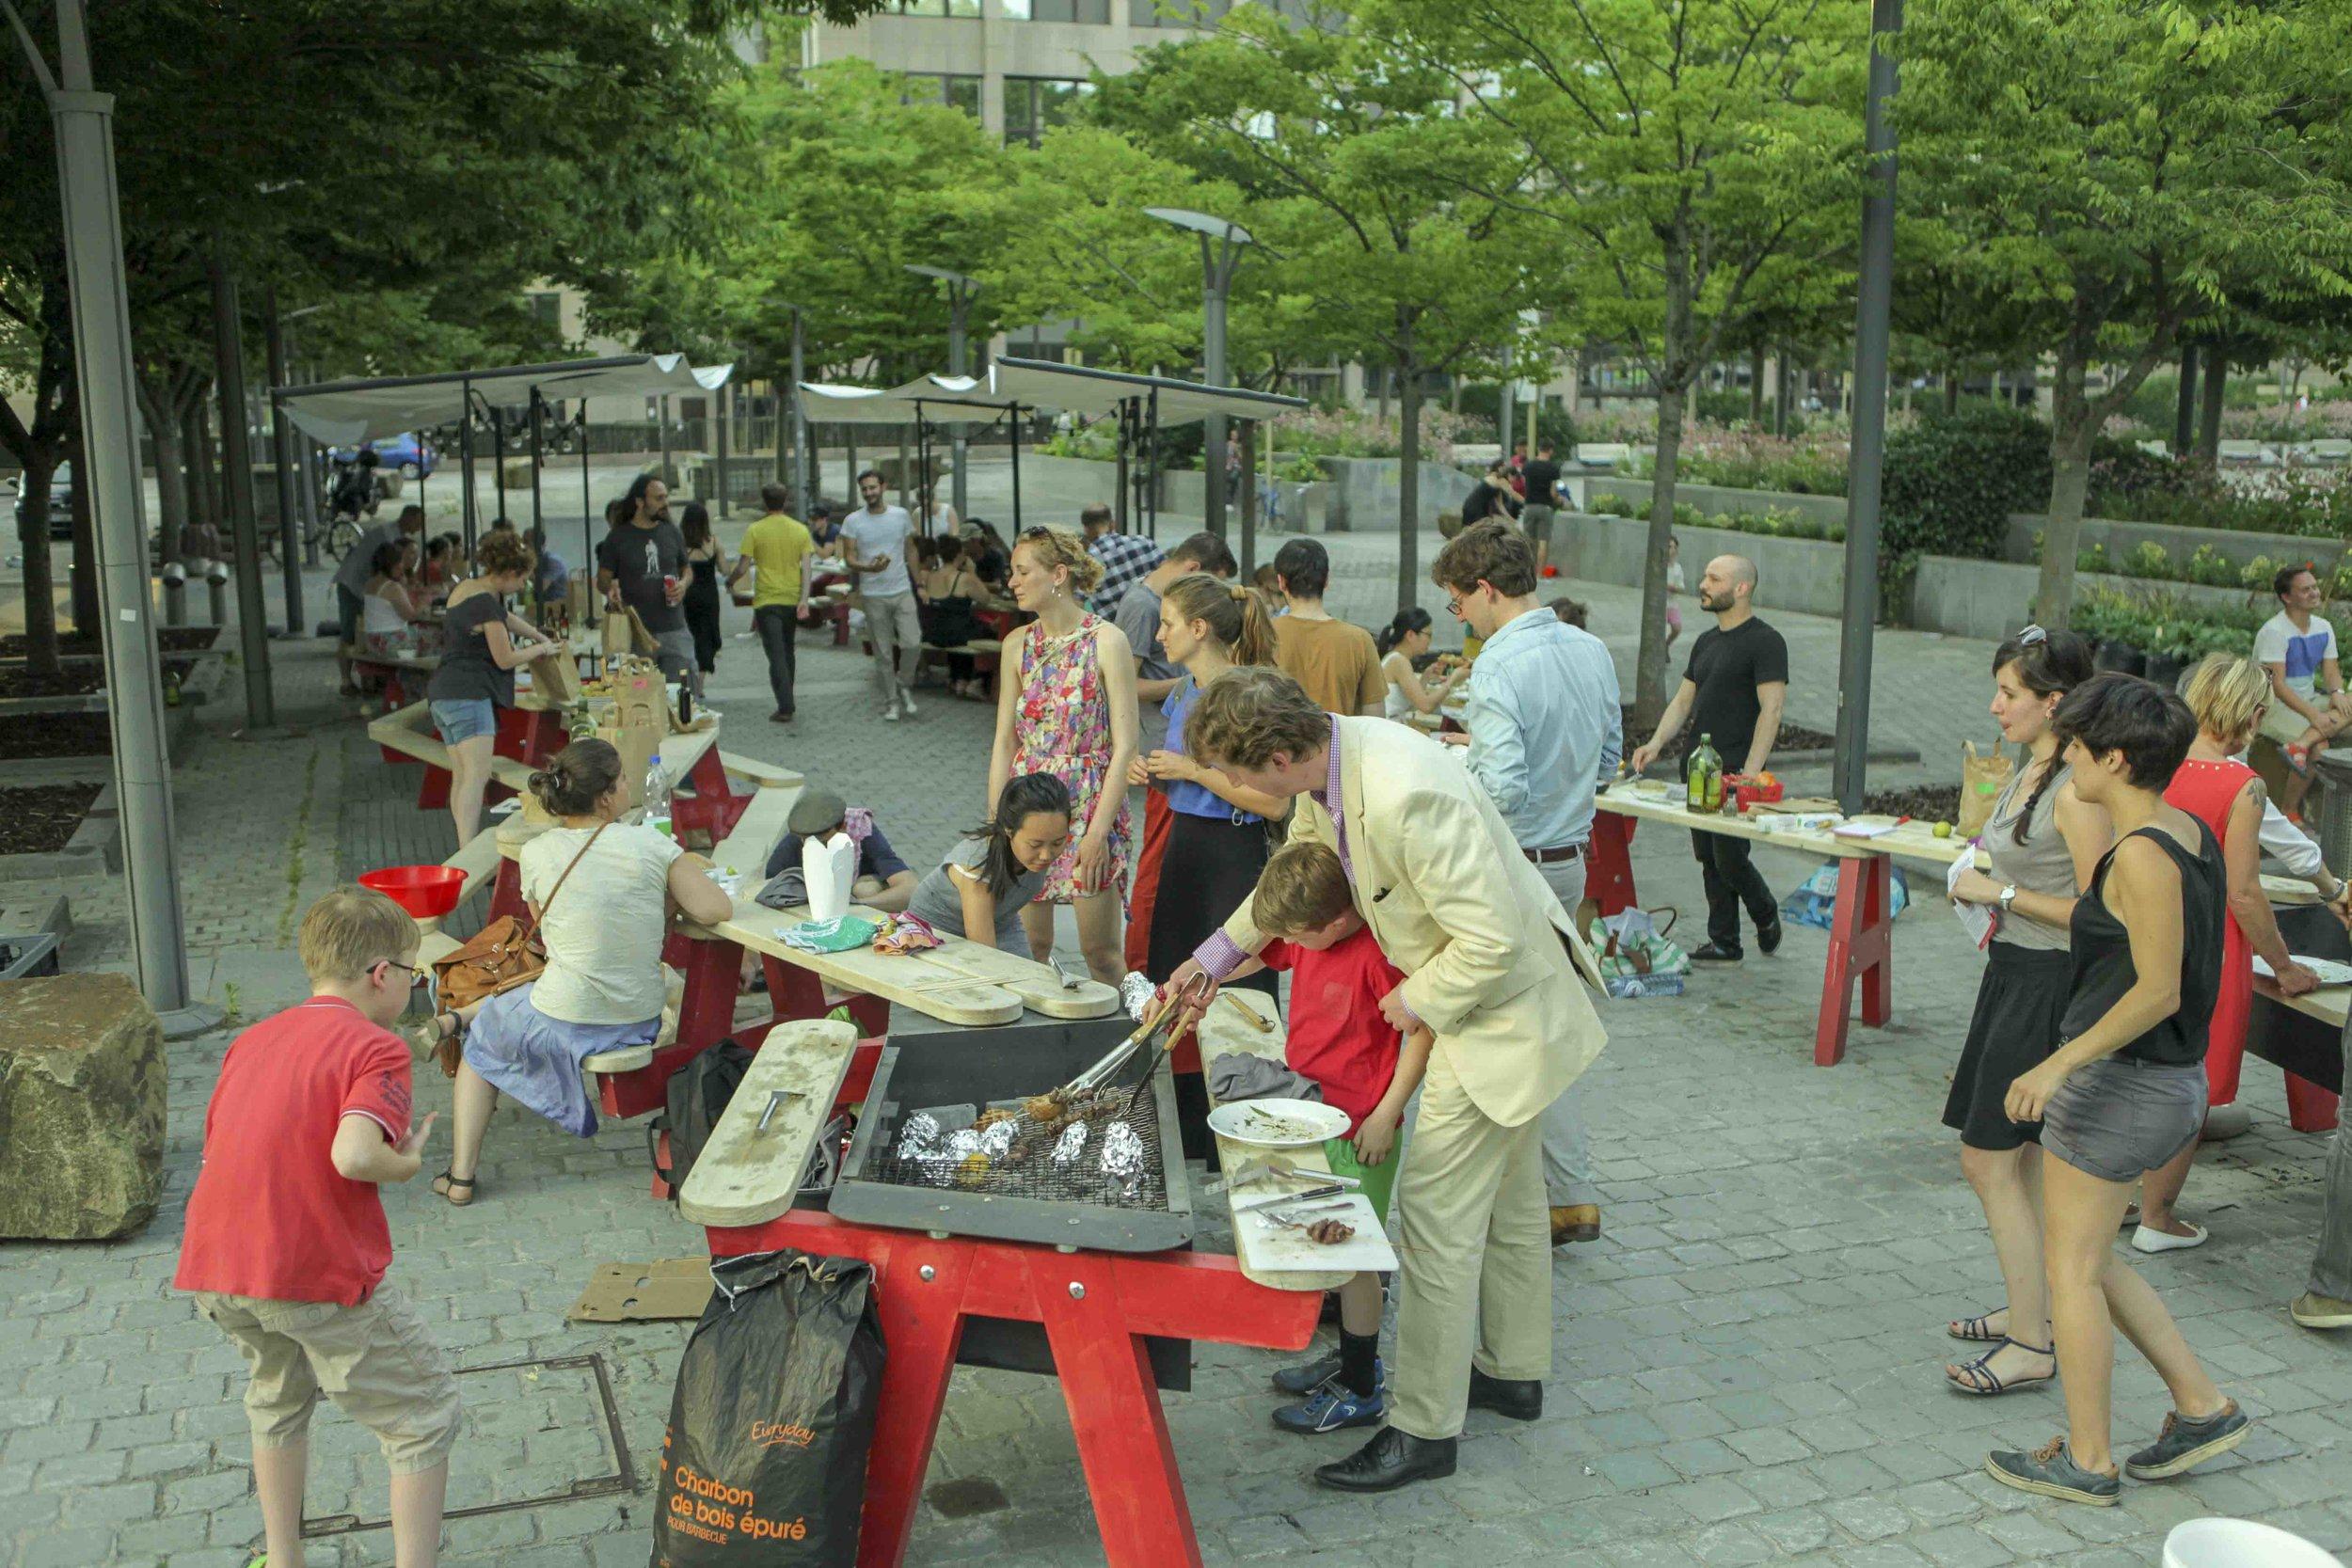 Pour créer de la convivialité - Canteen est un mobilier urbain conçu pour réinventer le partage de l'espace public de façon souple. En créant de la proximité physique entre les usagers, Canteen invite à rencontrer son voisin, à échanger, à partager.